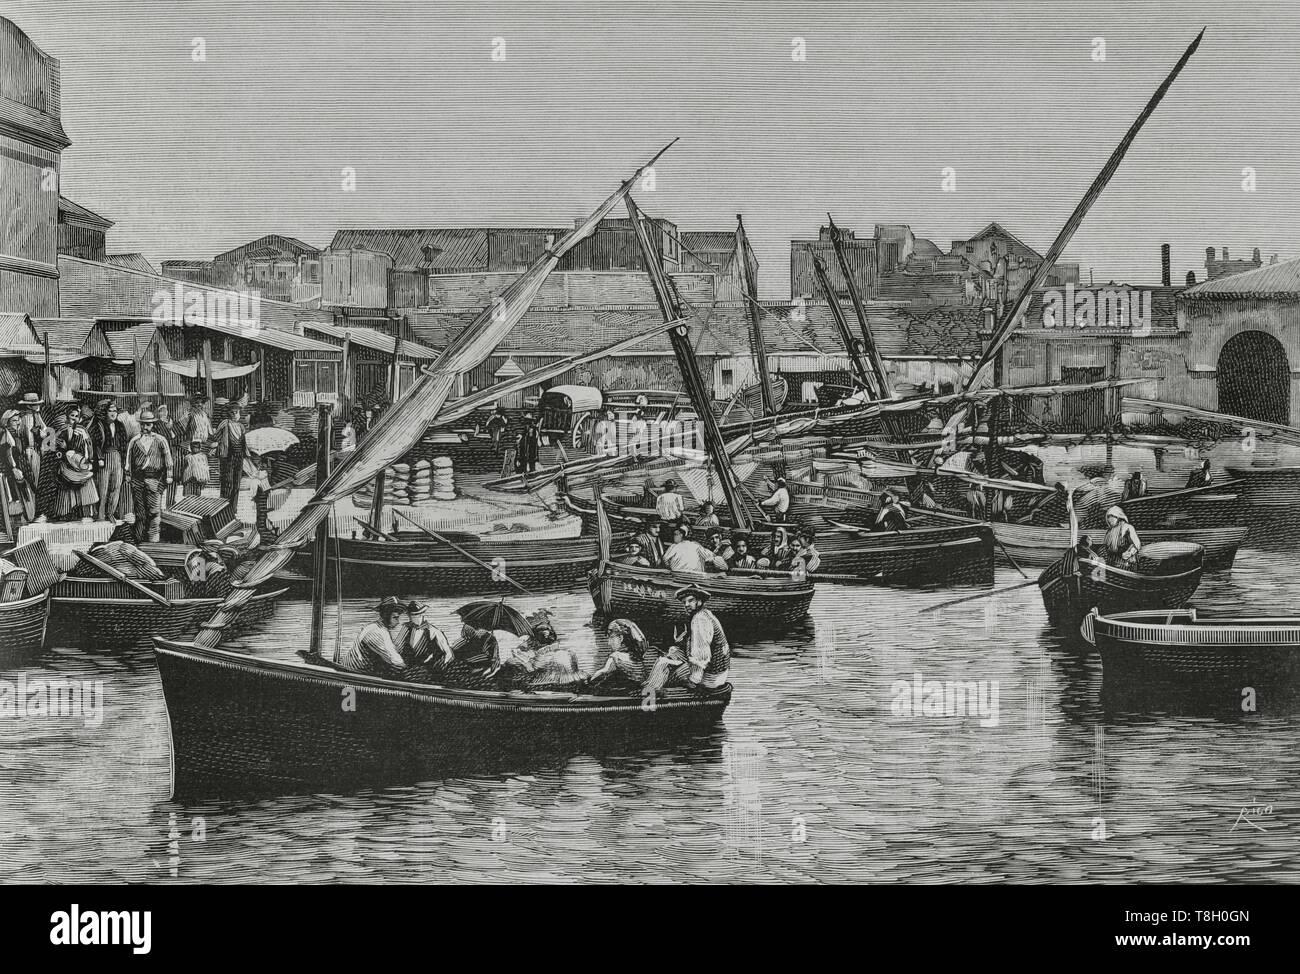 Durante el segundo tercio del siglo XIX muchos españoles fueron de agricultores a hacer fortuna al norte de Argelia. El 22 de junio de 1881 los hombres de Bu-Amena atacaron a los agricultores provocando el pánico entre los emigrantes europeos. Muchos regresaron a sus paises de origen. Nueve mil españoles lo hicieron entre el 11 y el 22 de junio de 1881. Cartagena. Desembarque de españoles repatriados por el vapor 'Numancia', el 15 del actual, como consecuencia de los sucesos de Orán. Grabado por Bernardo Rico (1825-1894). La Ilustración Española y Americana, 22 de julio de 1881. - Stock Image